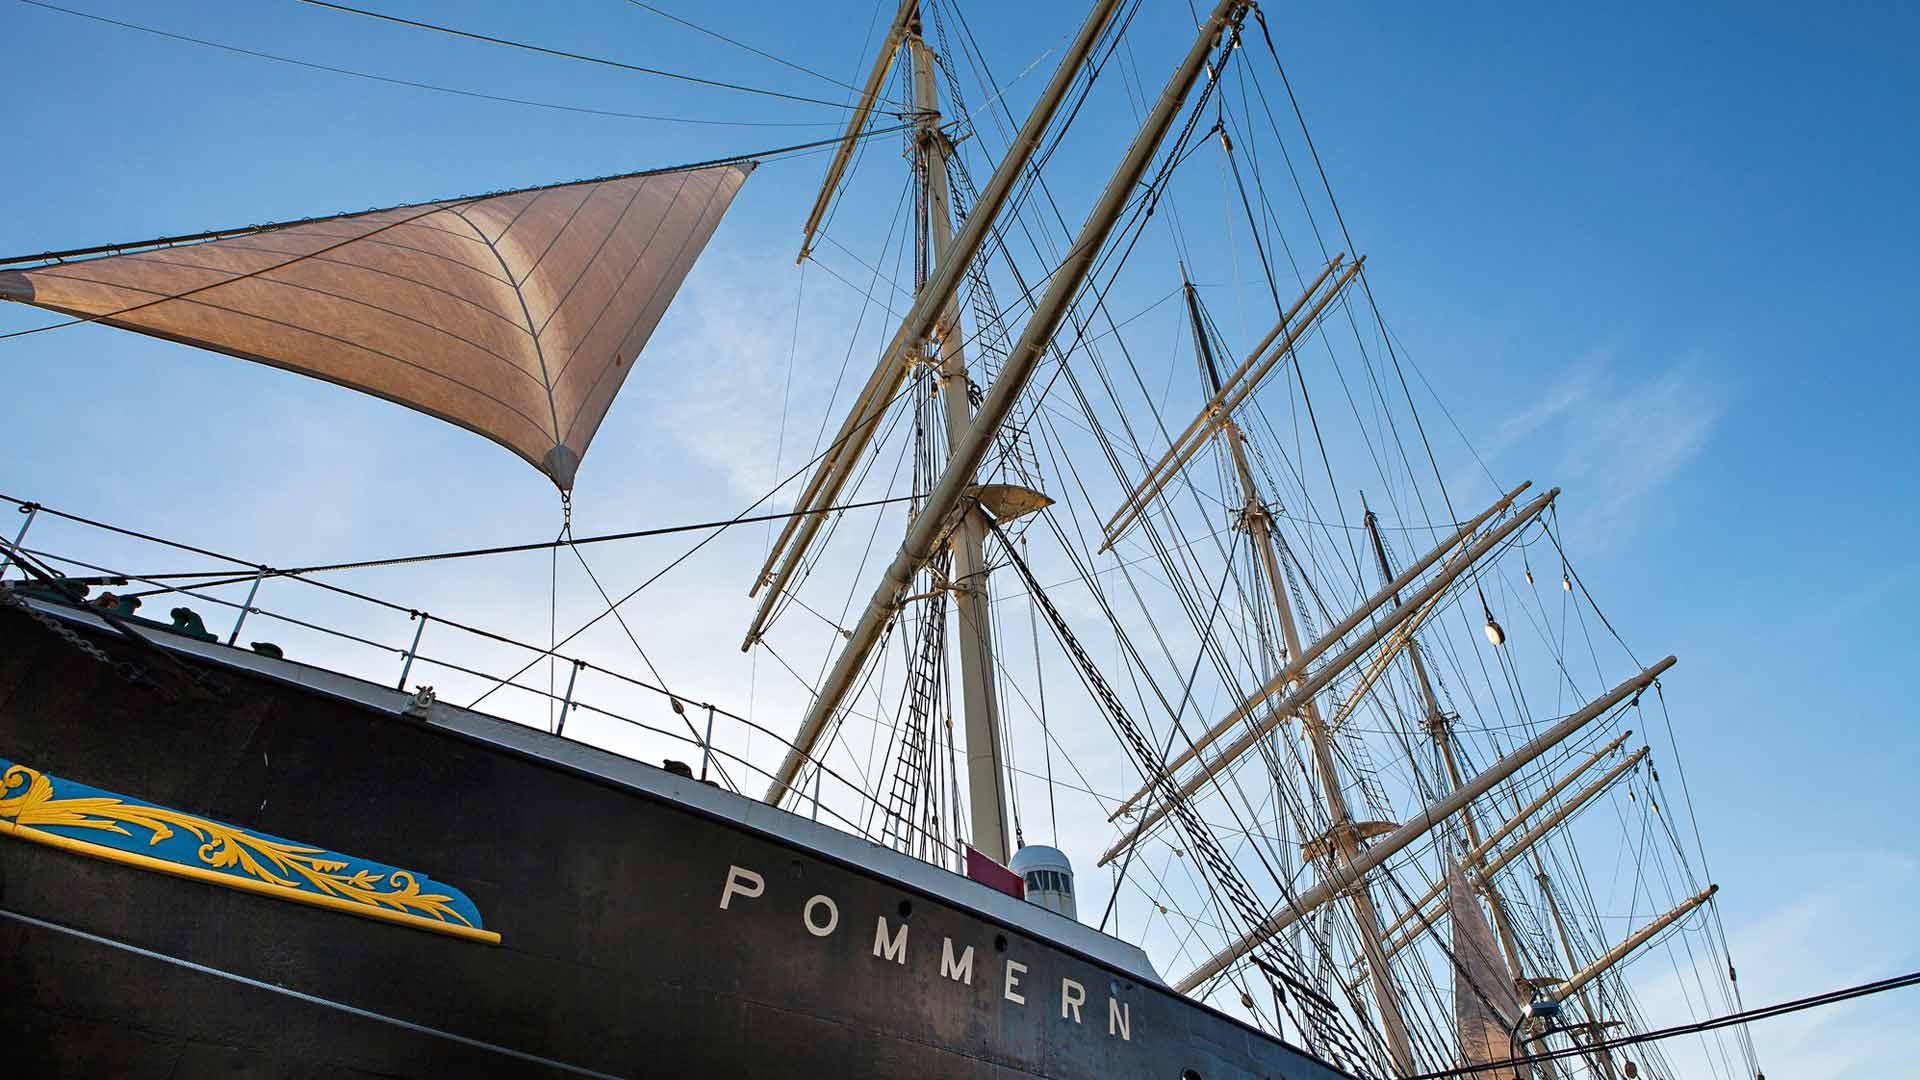 Merenkulkumuseon helmi on Pommern-laiva, jota voi talviaikaa ihailla ulkoa. Sisään pääsee taas keväällä.